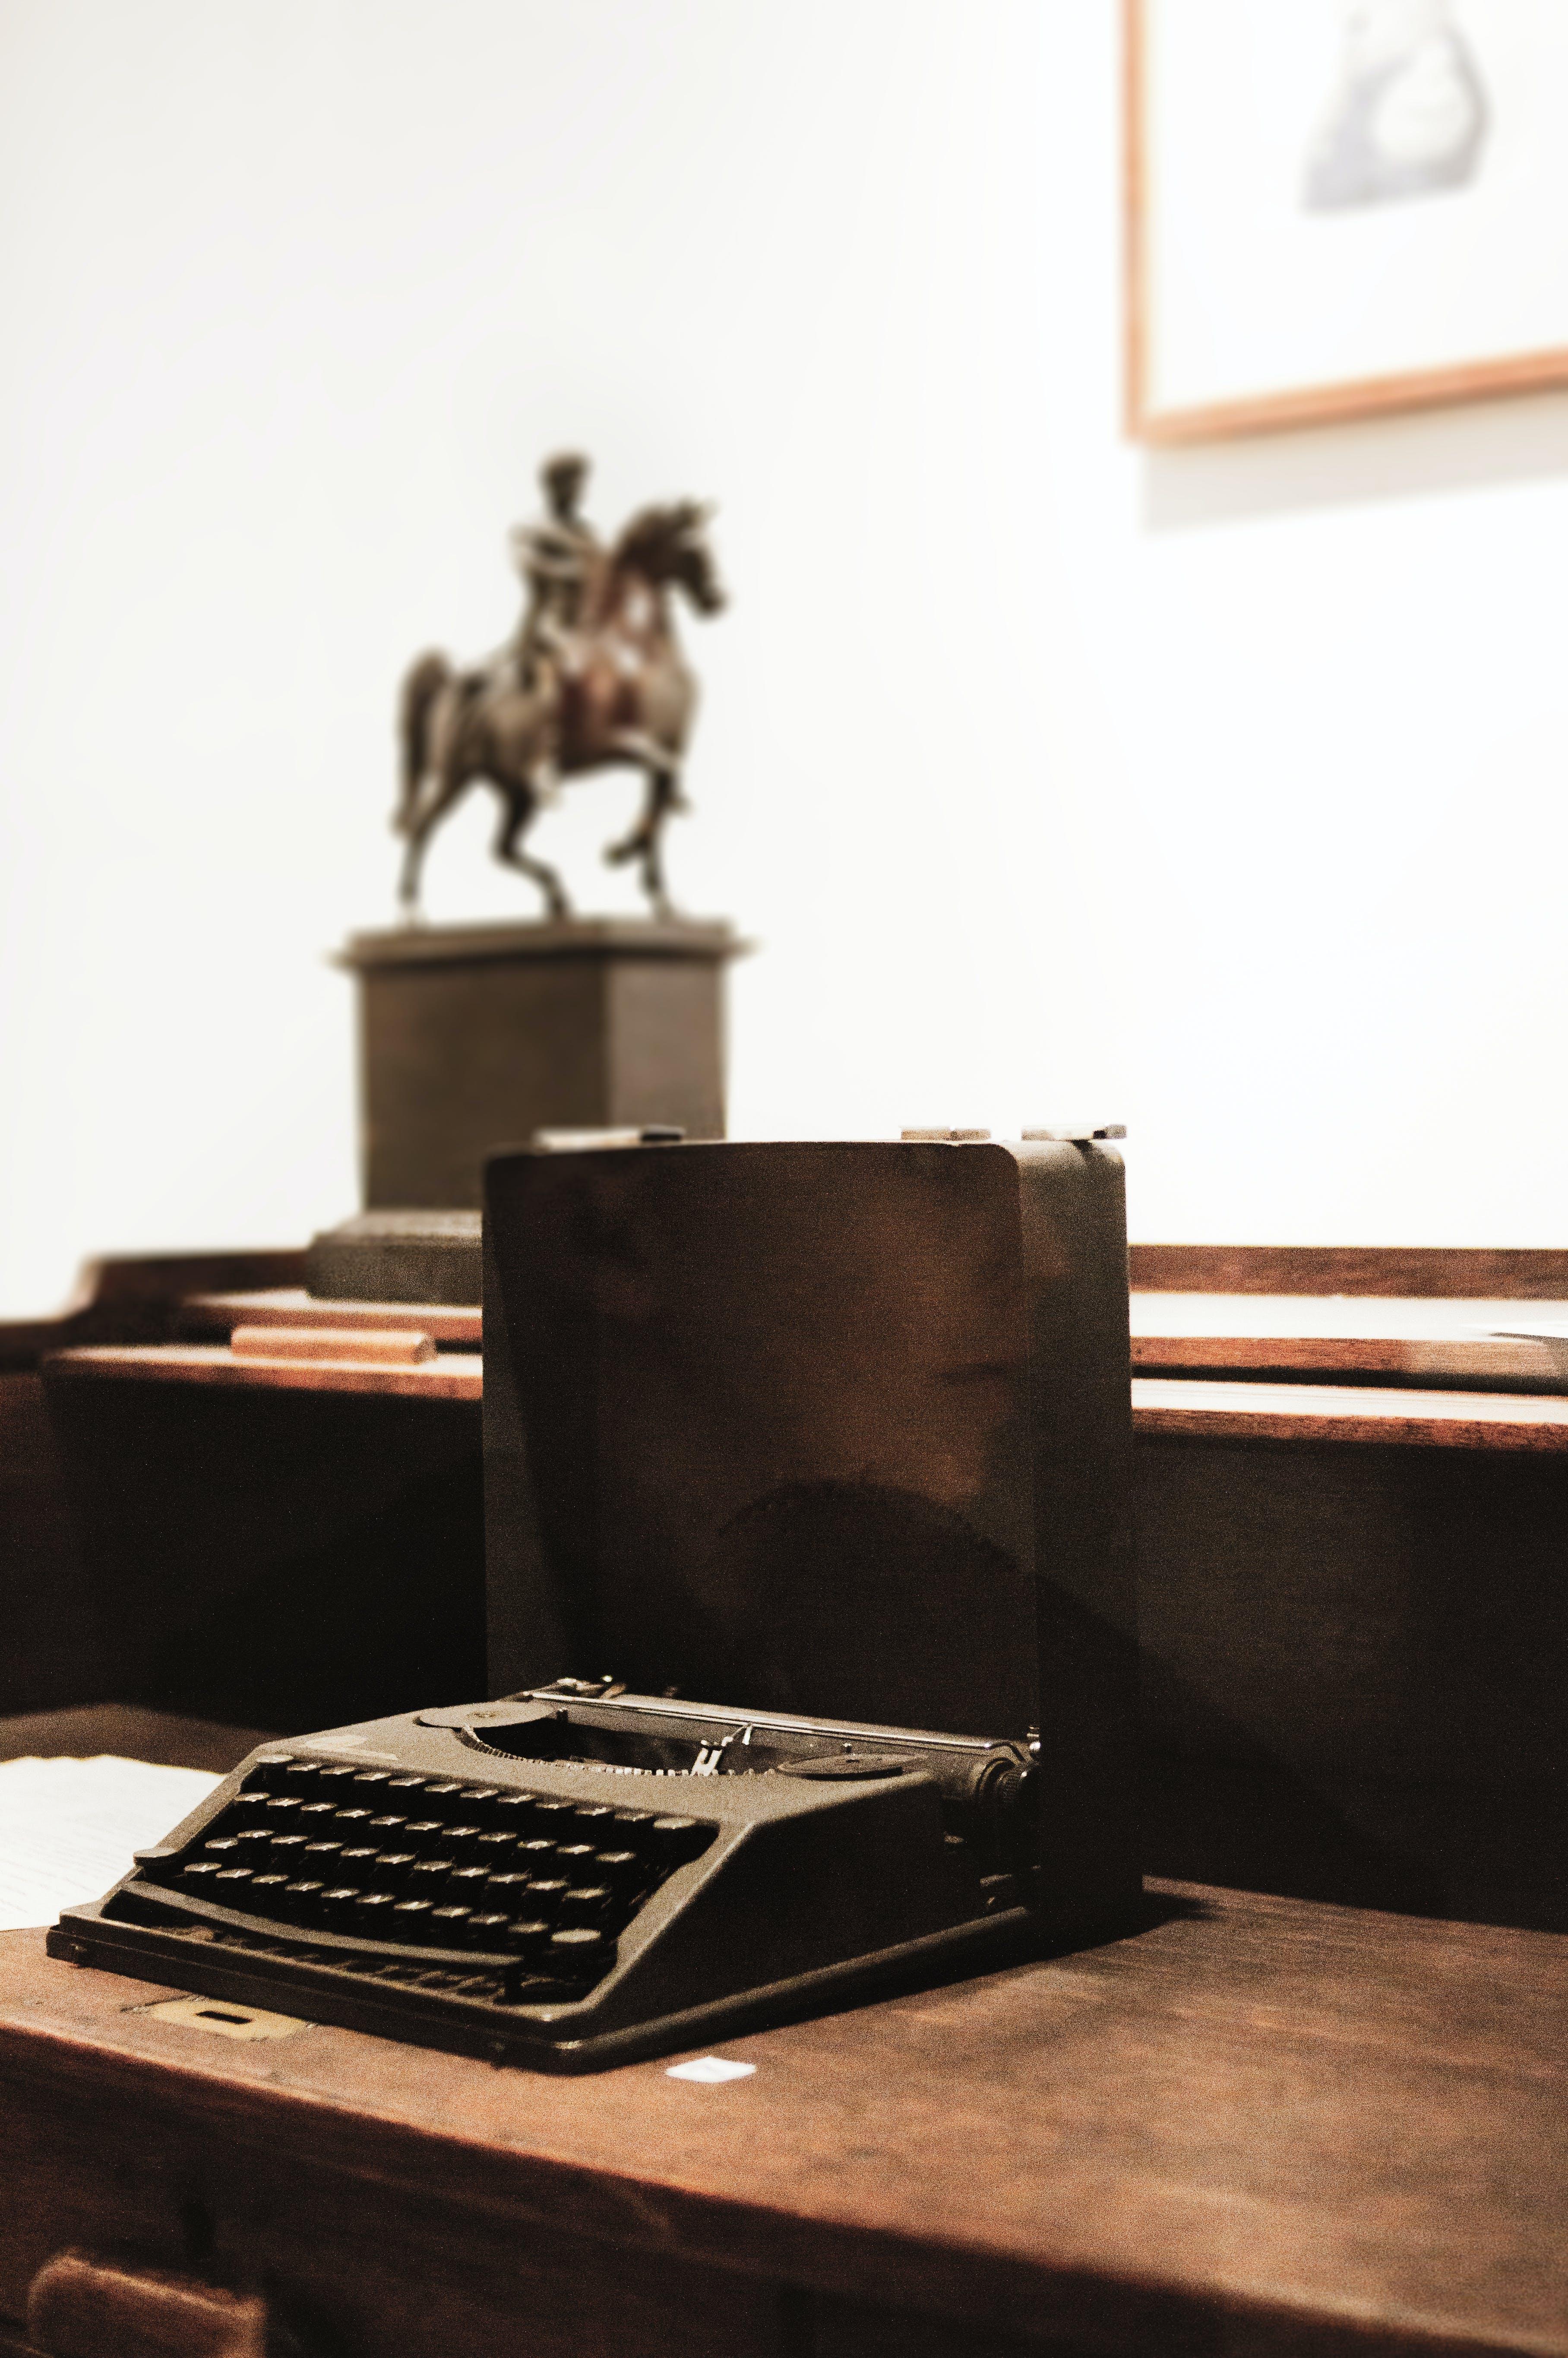 Black Typewriter on Brown Wooden Surface